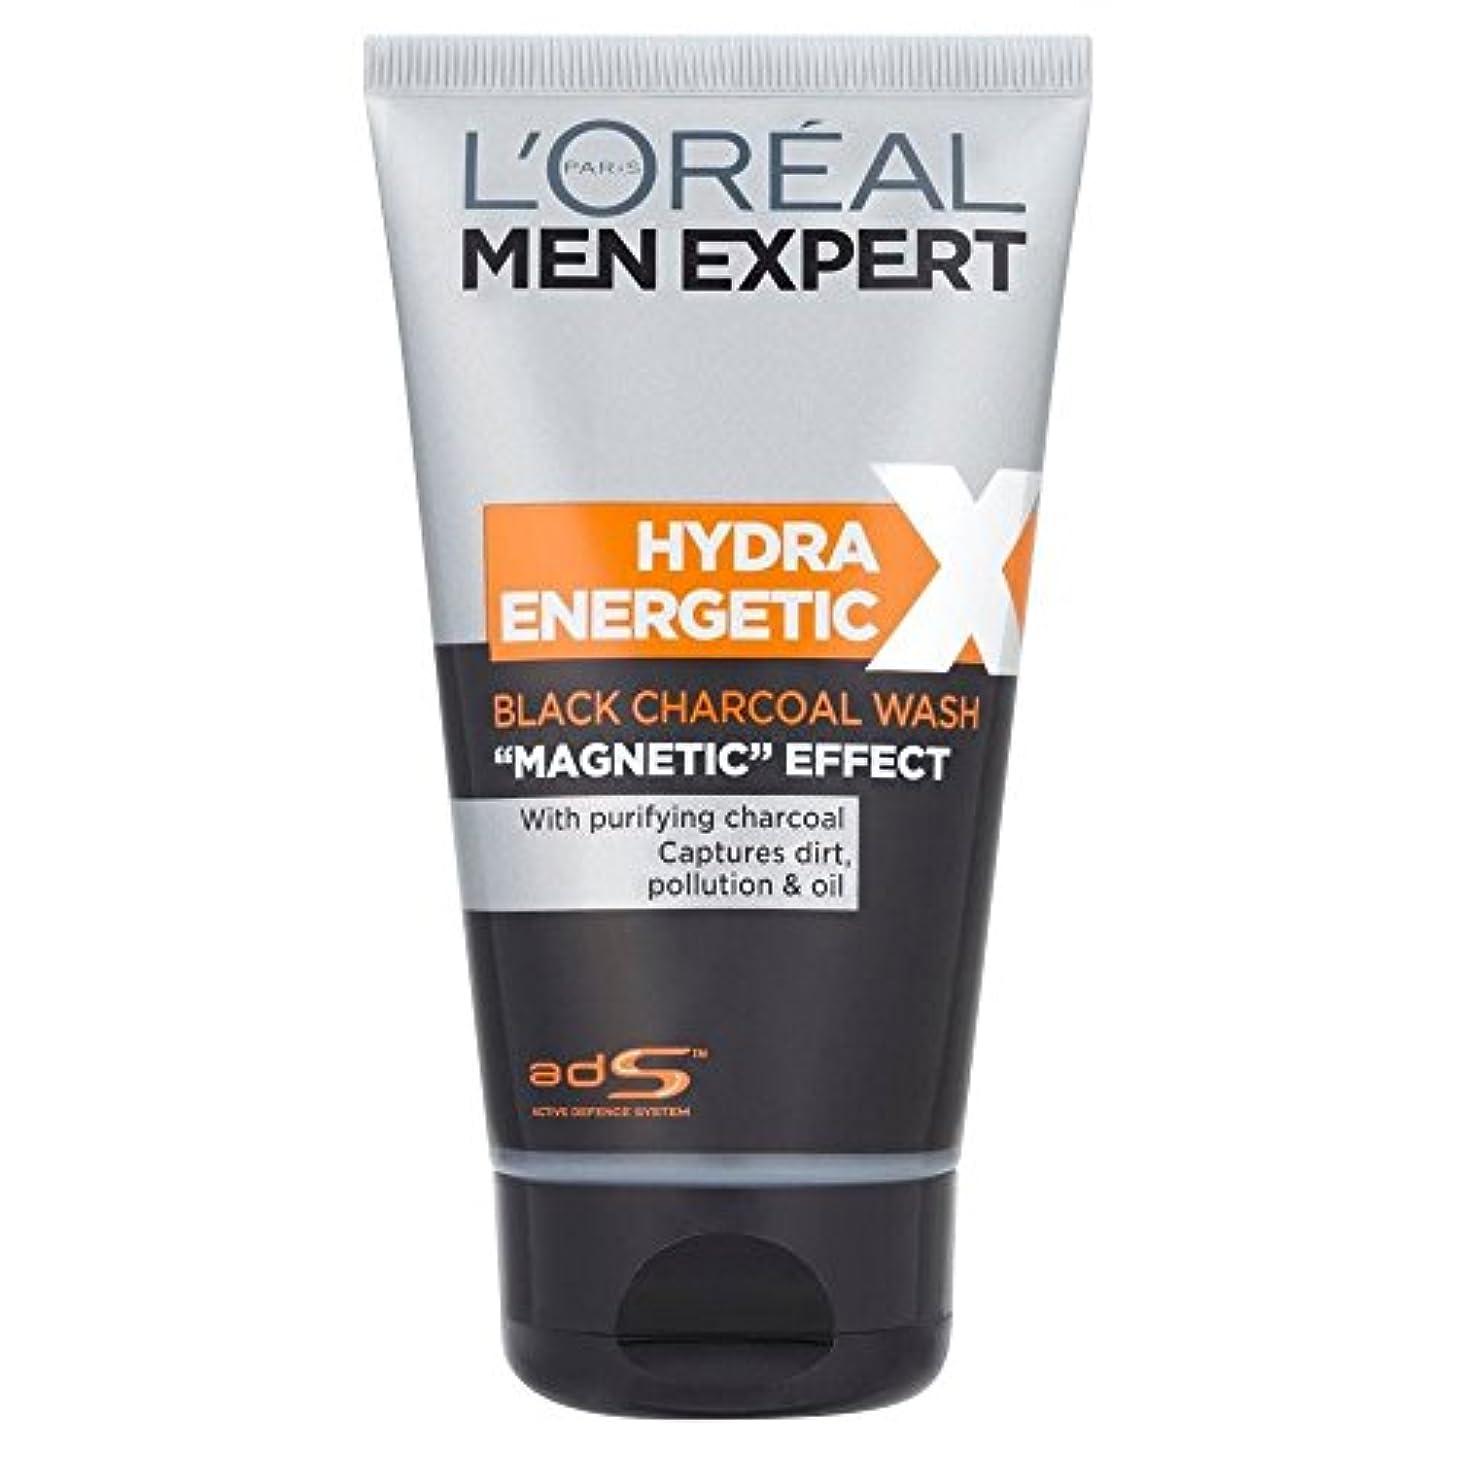 溶けた知的サイクルL'Oreal Paris Men Expert Hydra Energetic Daily Purifying Wash (150ml) L'オラ?アルパリのメンズ専門ヒドラエネルギッシュな毎日の浄化洗浄( 150ミリリットル)